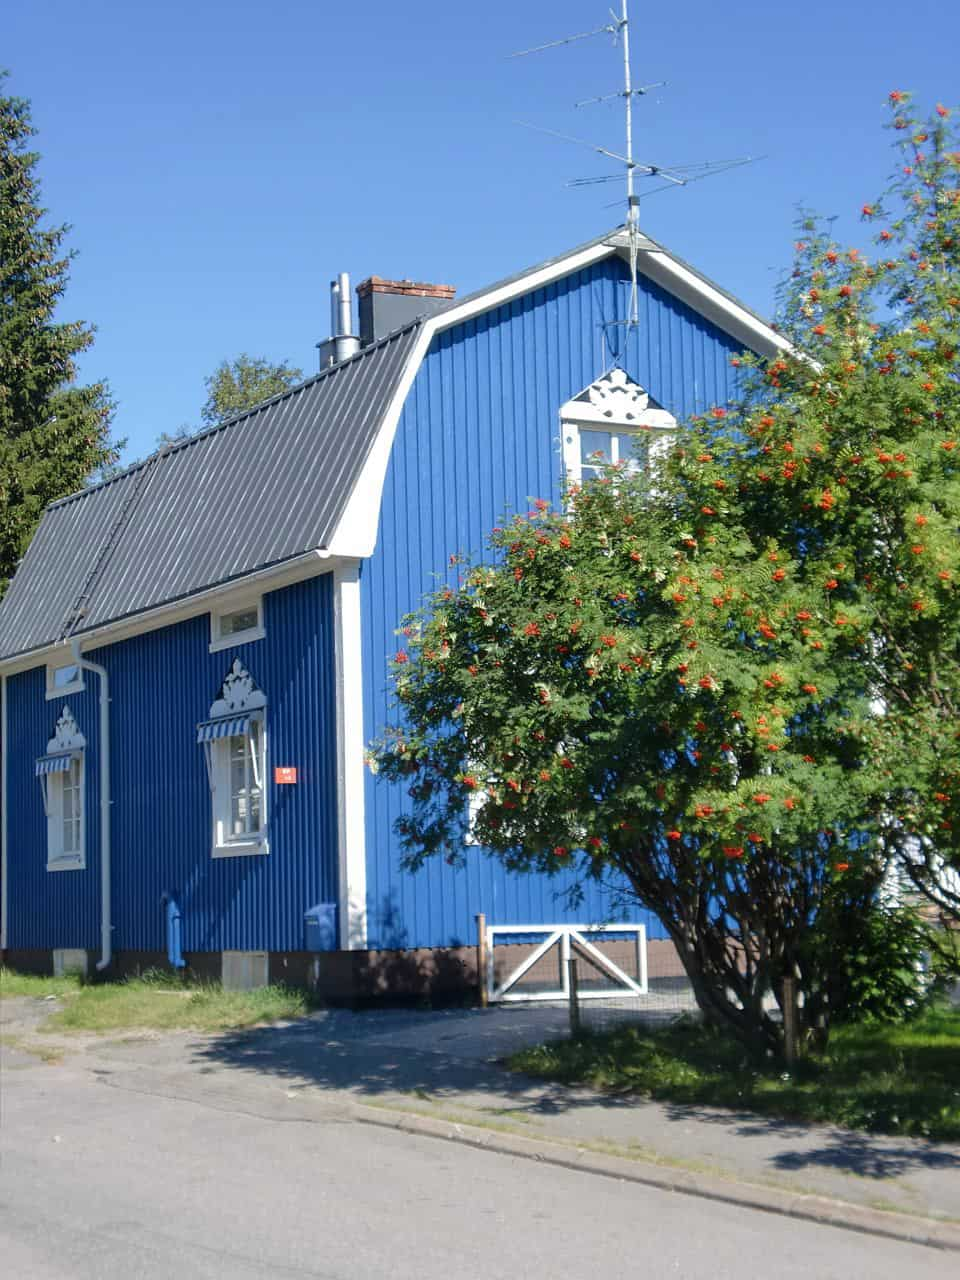 Zweeds huis in haparanda moose f rg sommarbl - Binnen houten huis ...